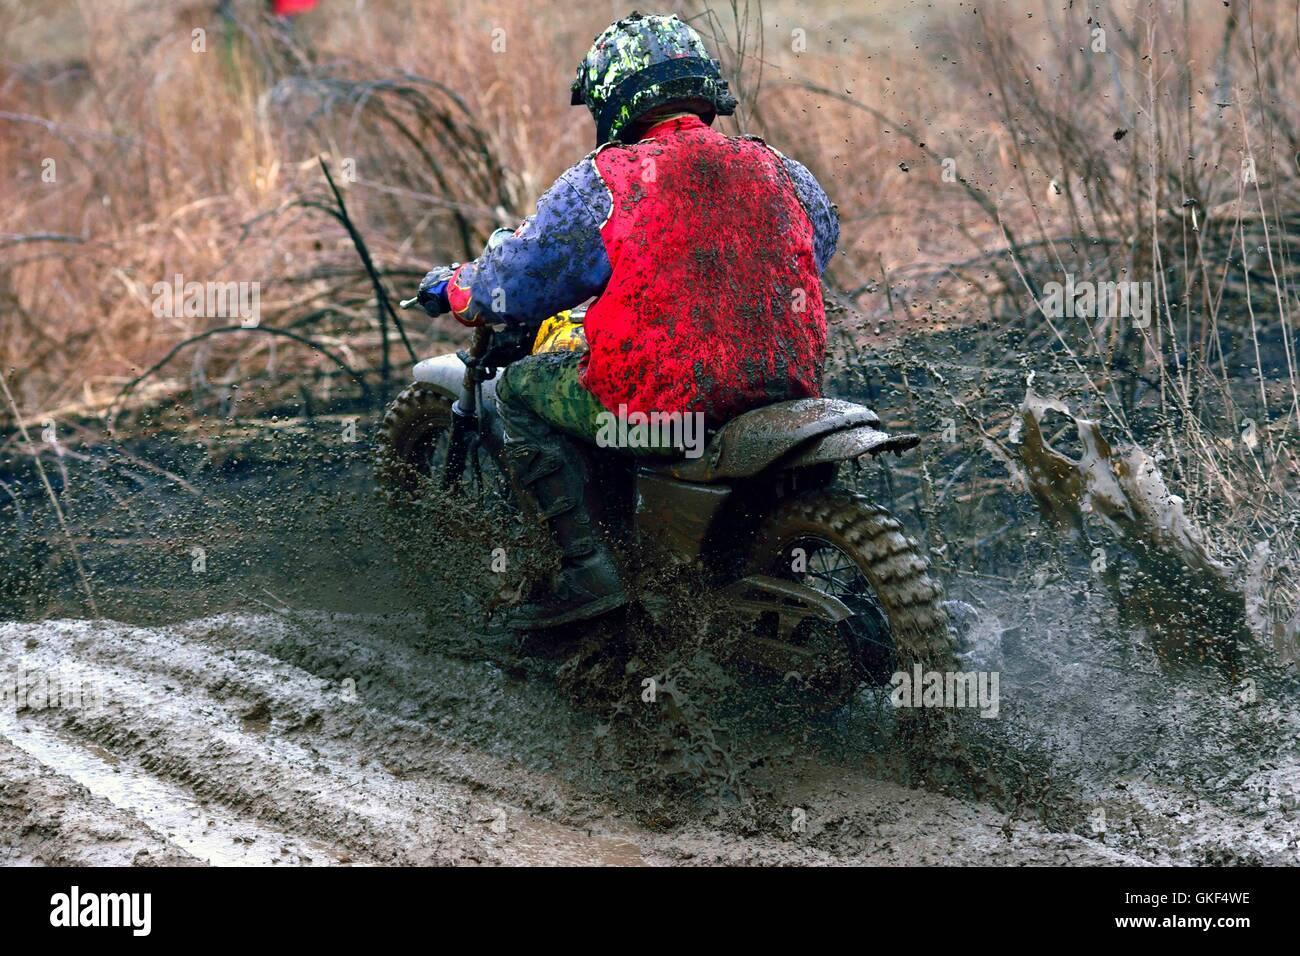 Motocross racer in fase di accelerazione in pista sterrata, vista dal retro Immagini Stock